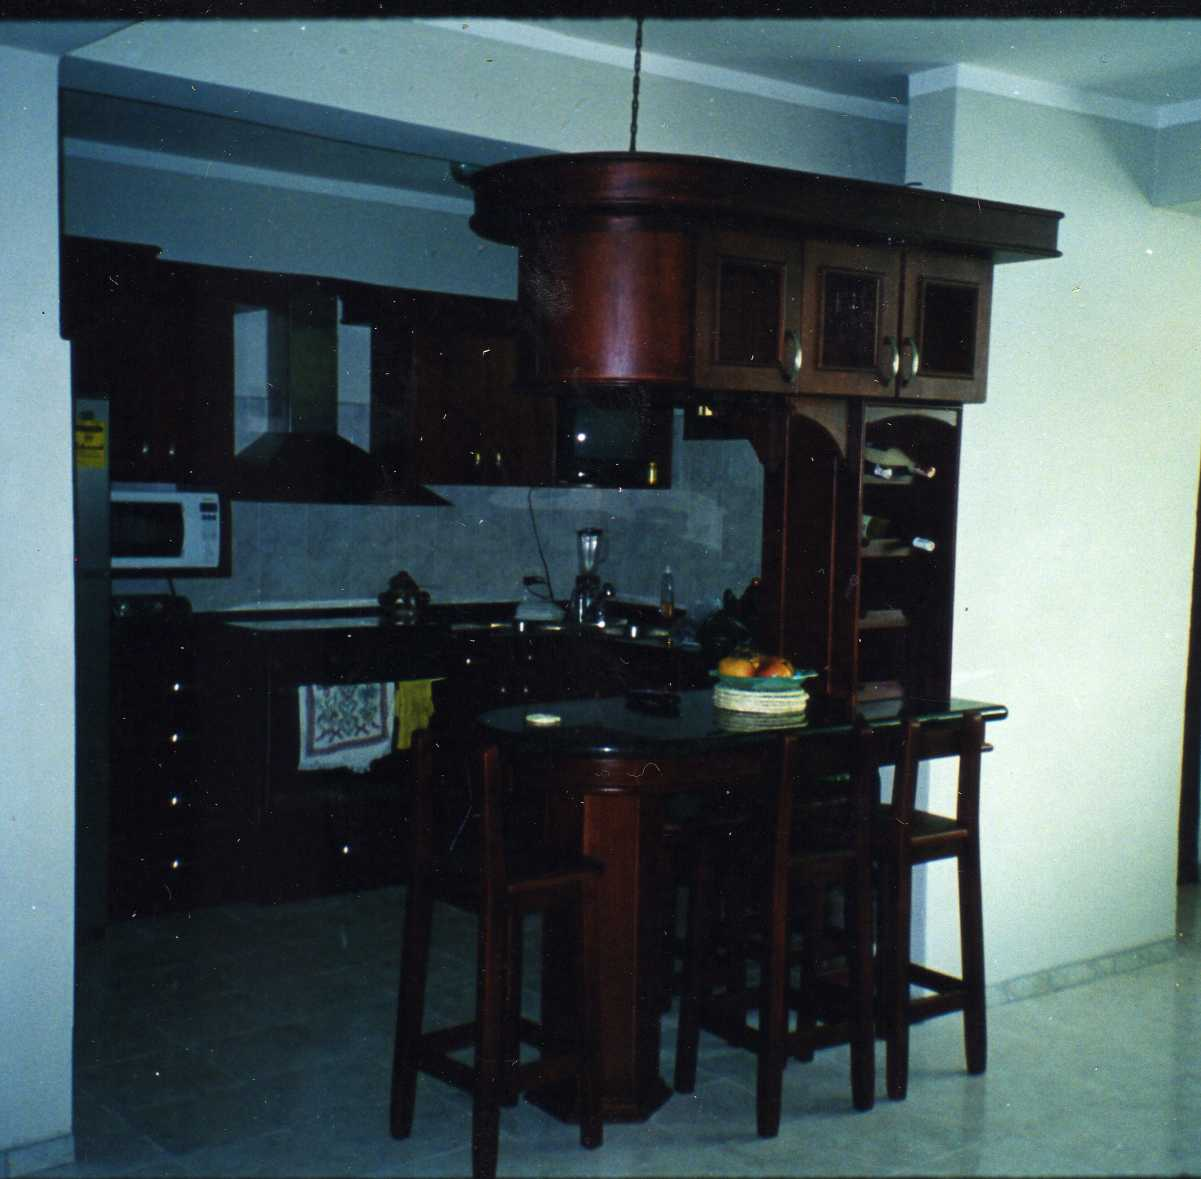 Mis trabajos en madera bar aereo y cocina empotrada en tono caoba bar aereo y cocina empotrada en tono caoba oscuro thecheapjerseys Choice Image